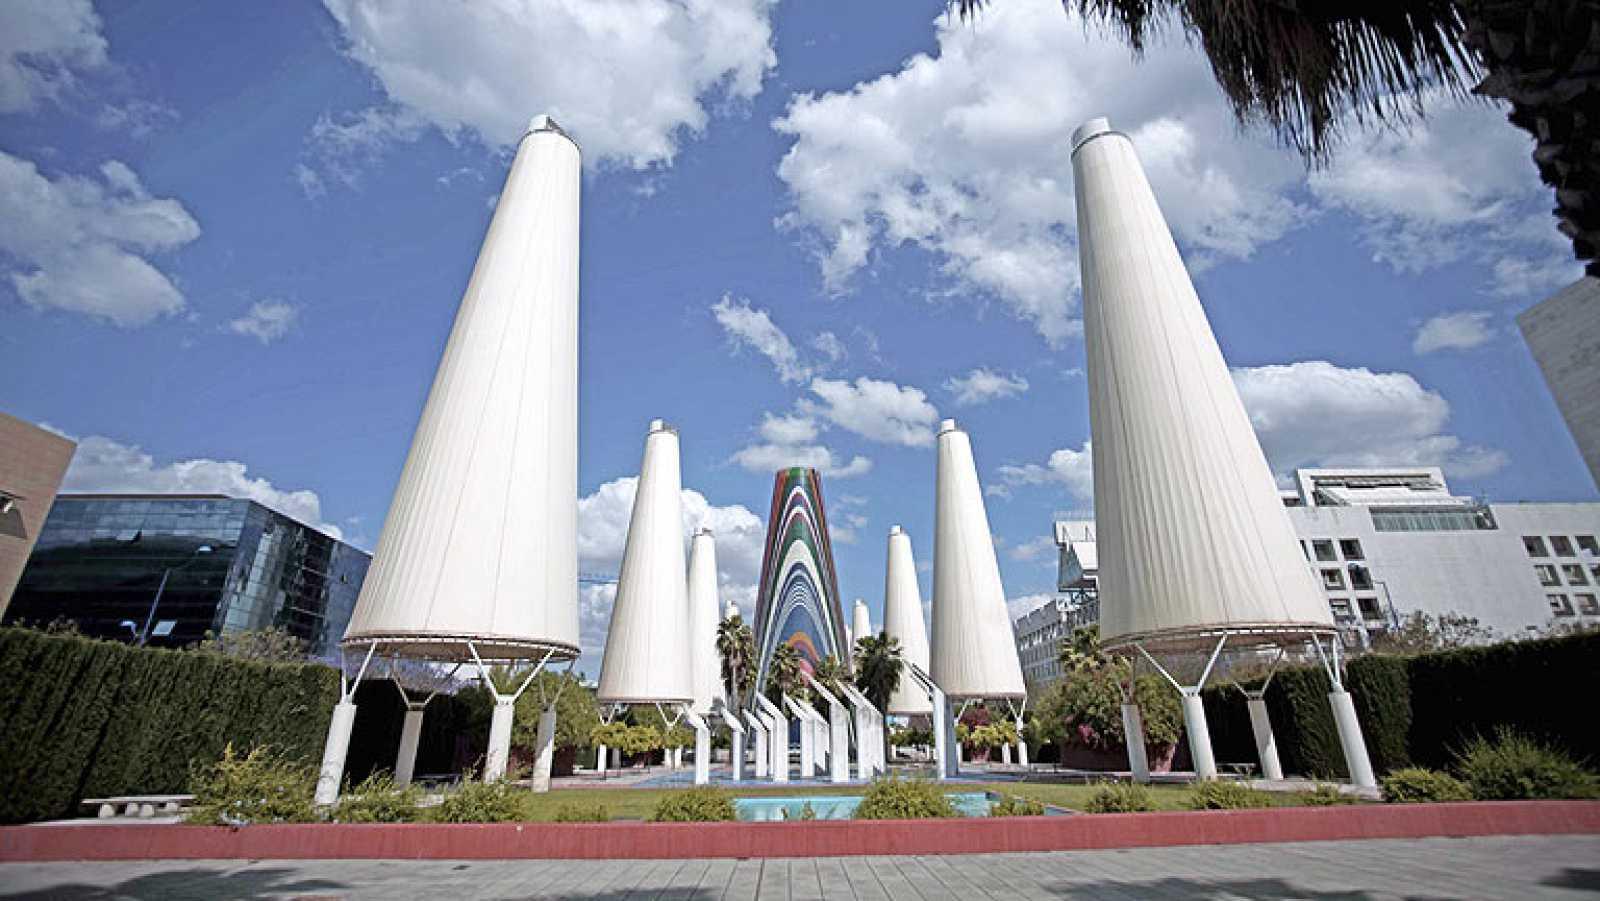 Hoy se cumple el vigésimo aniversario de la inauguración de la Expo'92 de Sevilla